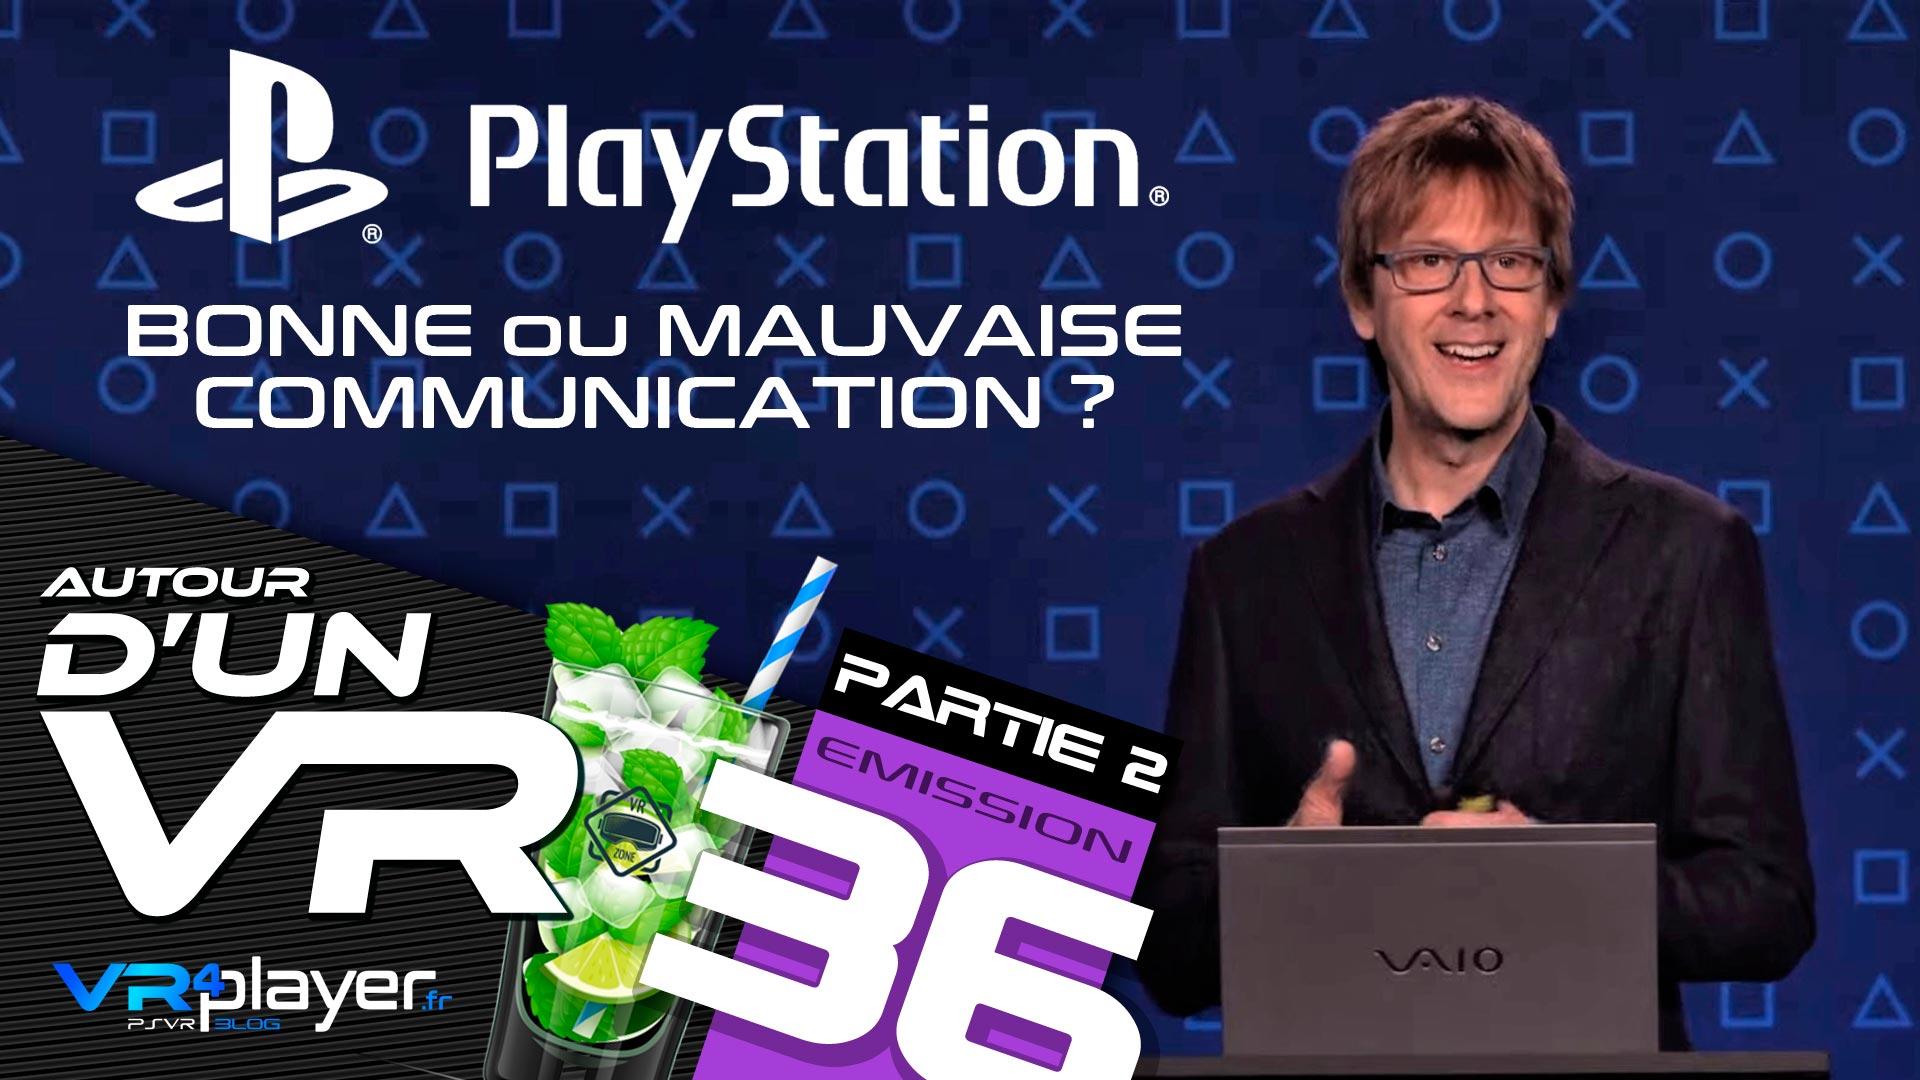 PODCAST AUTOUR D'UN VR #36 PARTIE 2 - Sony : Bonne ou mauvaise communication